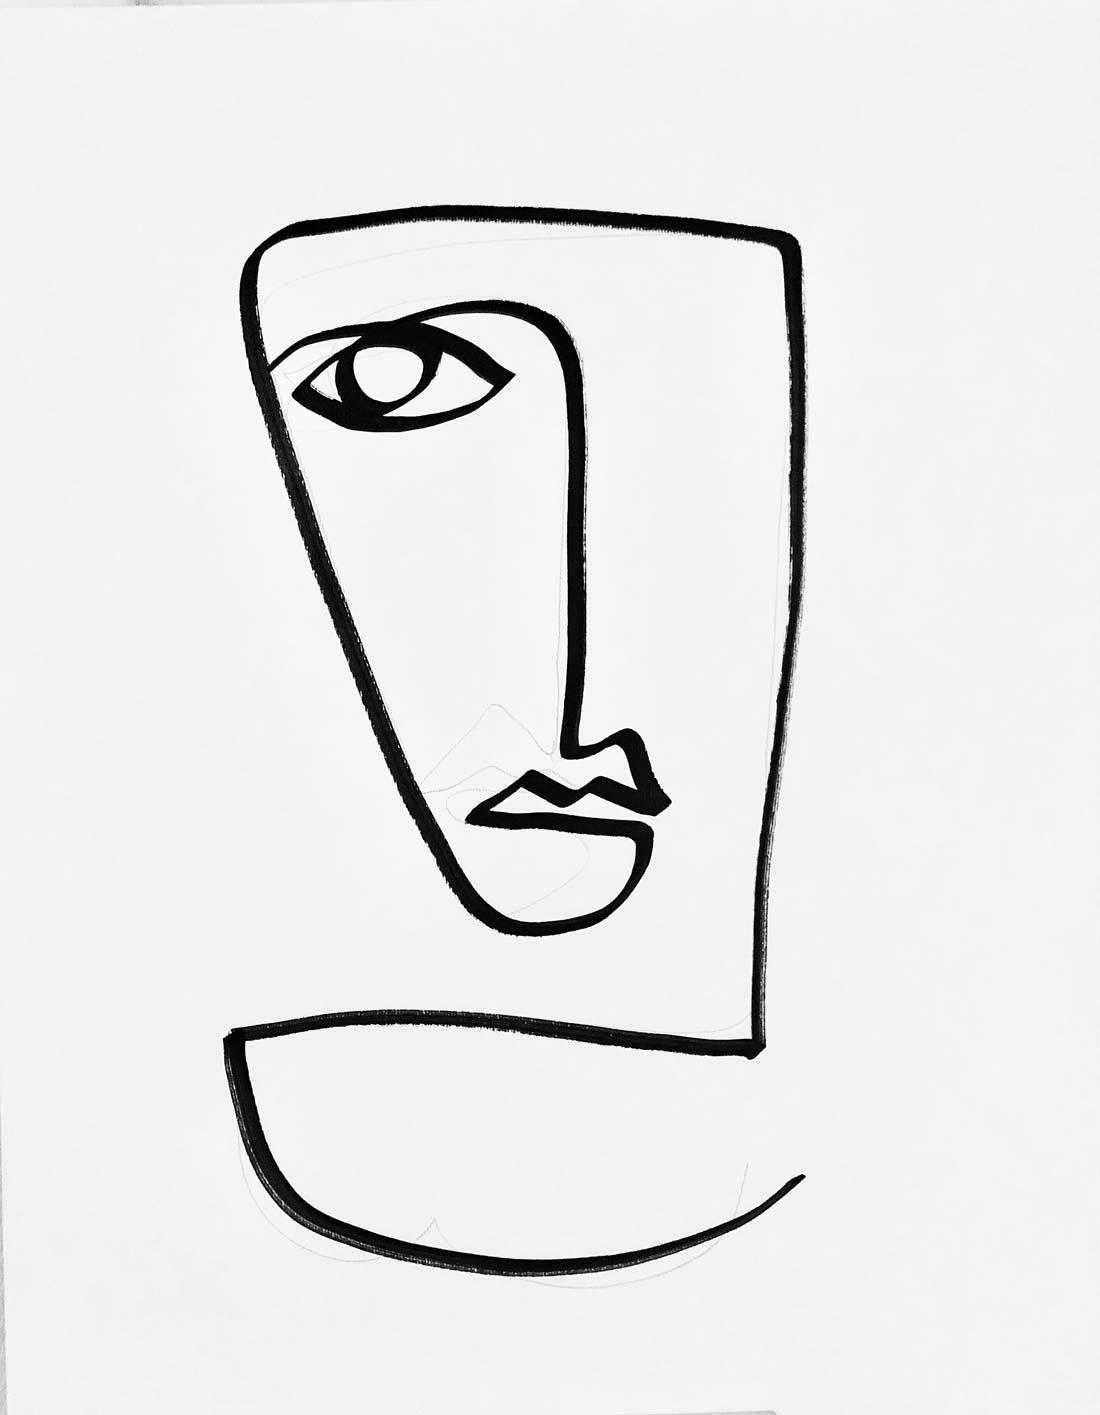 Hrvatski umjetnik Nenad Dević stvara divne line art crteže